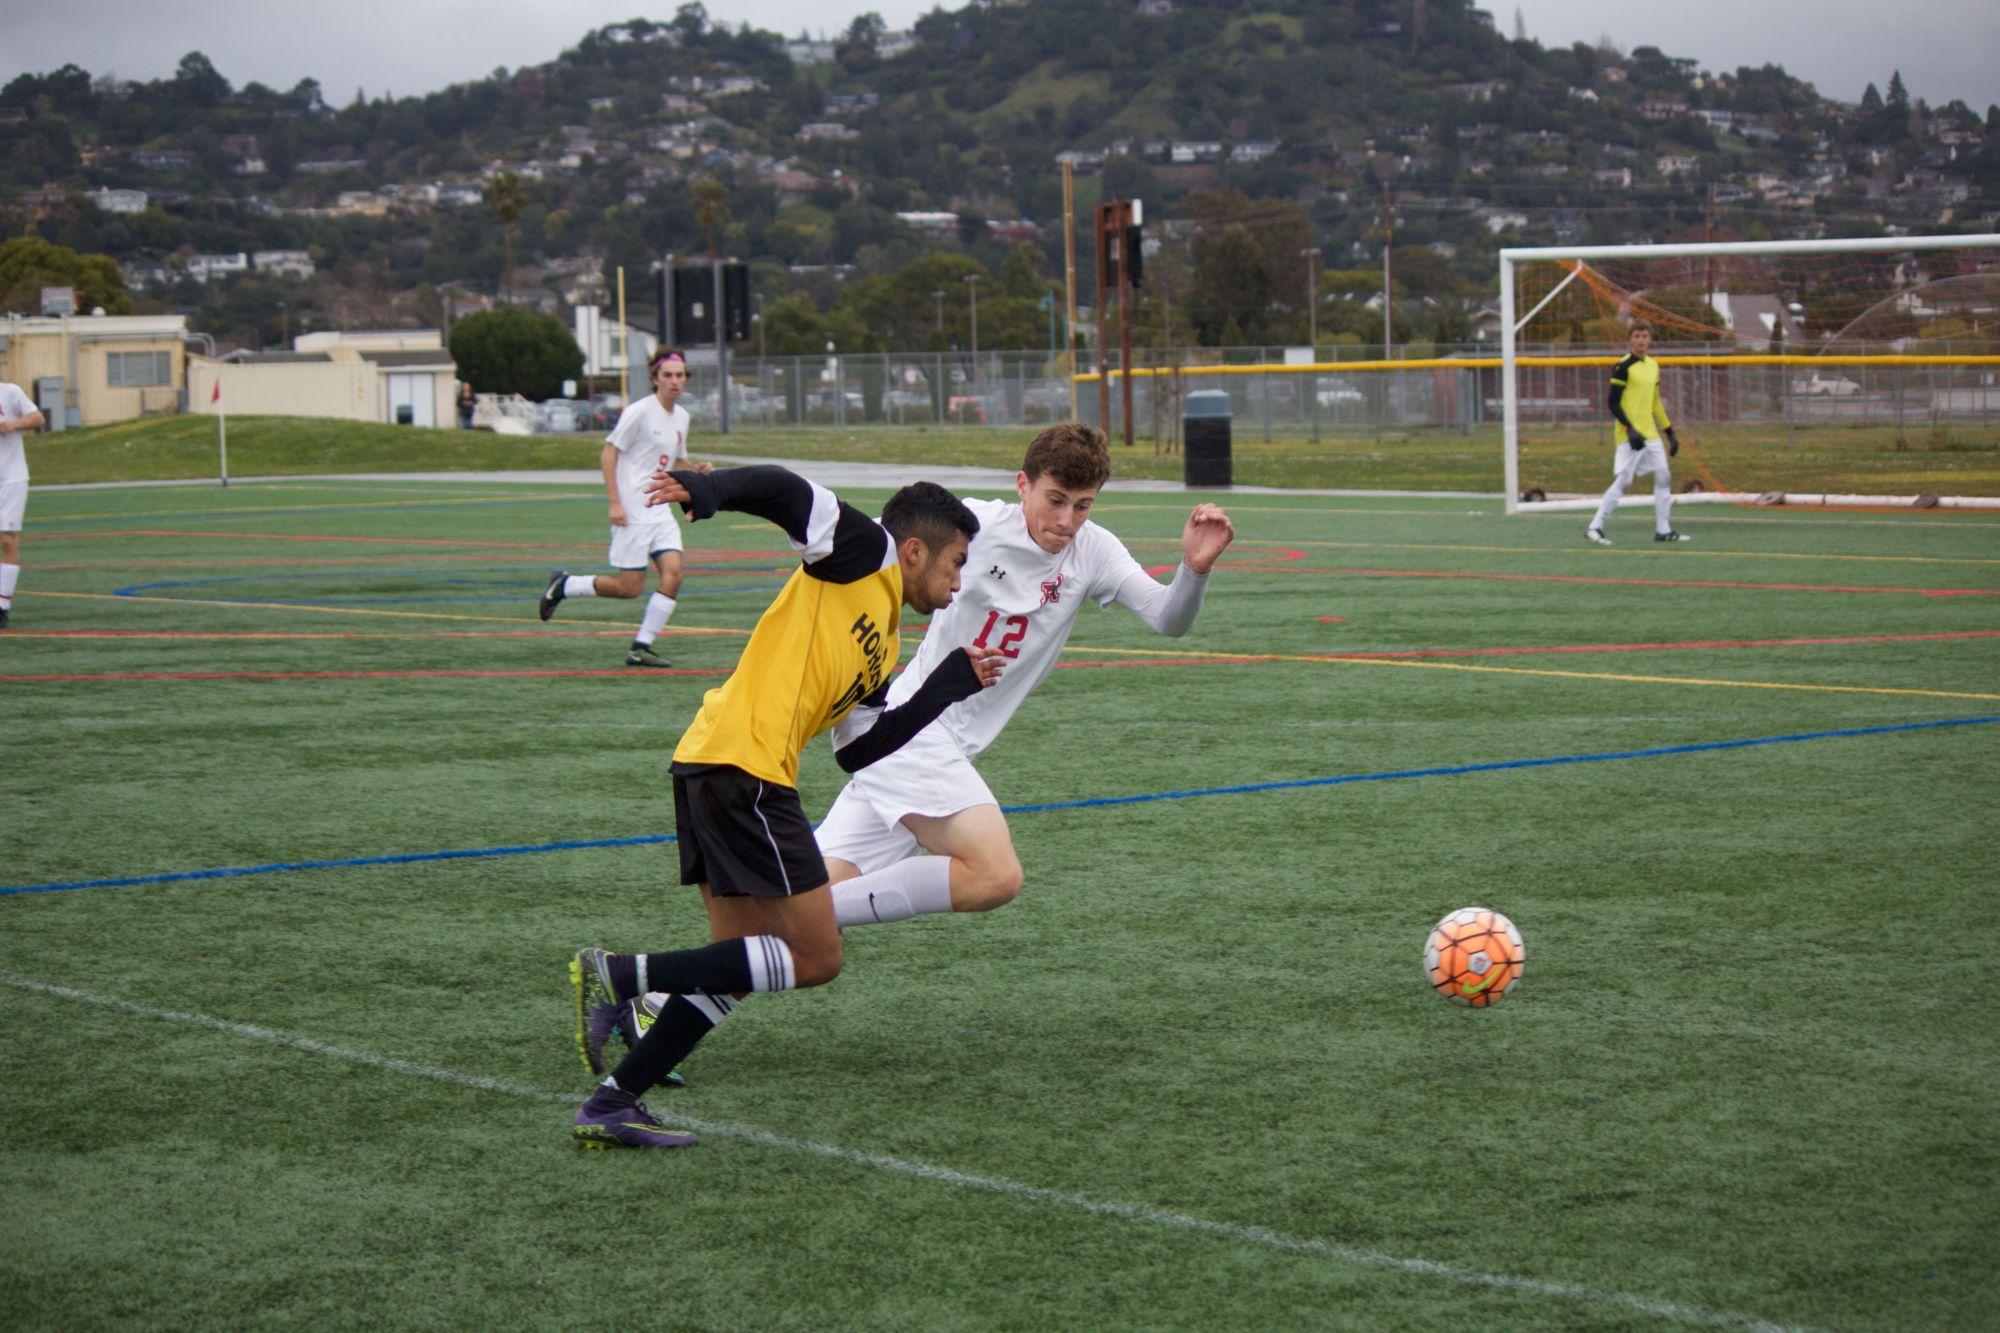 Boys' soccer continues winning streak in season finale against Novato